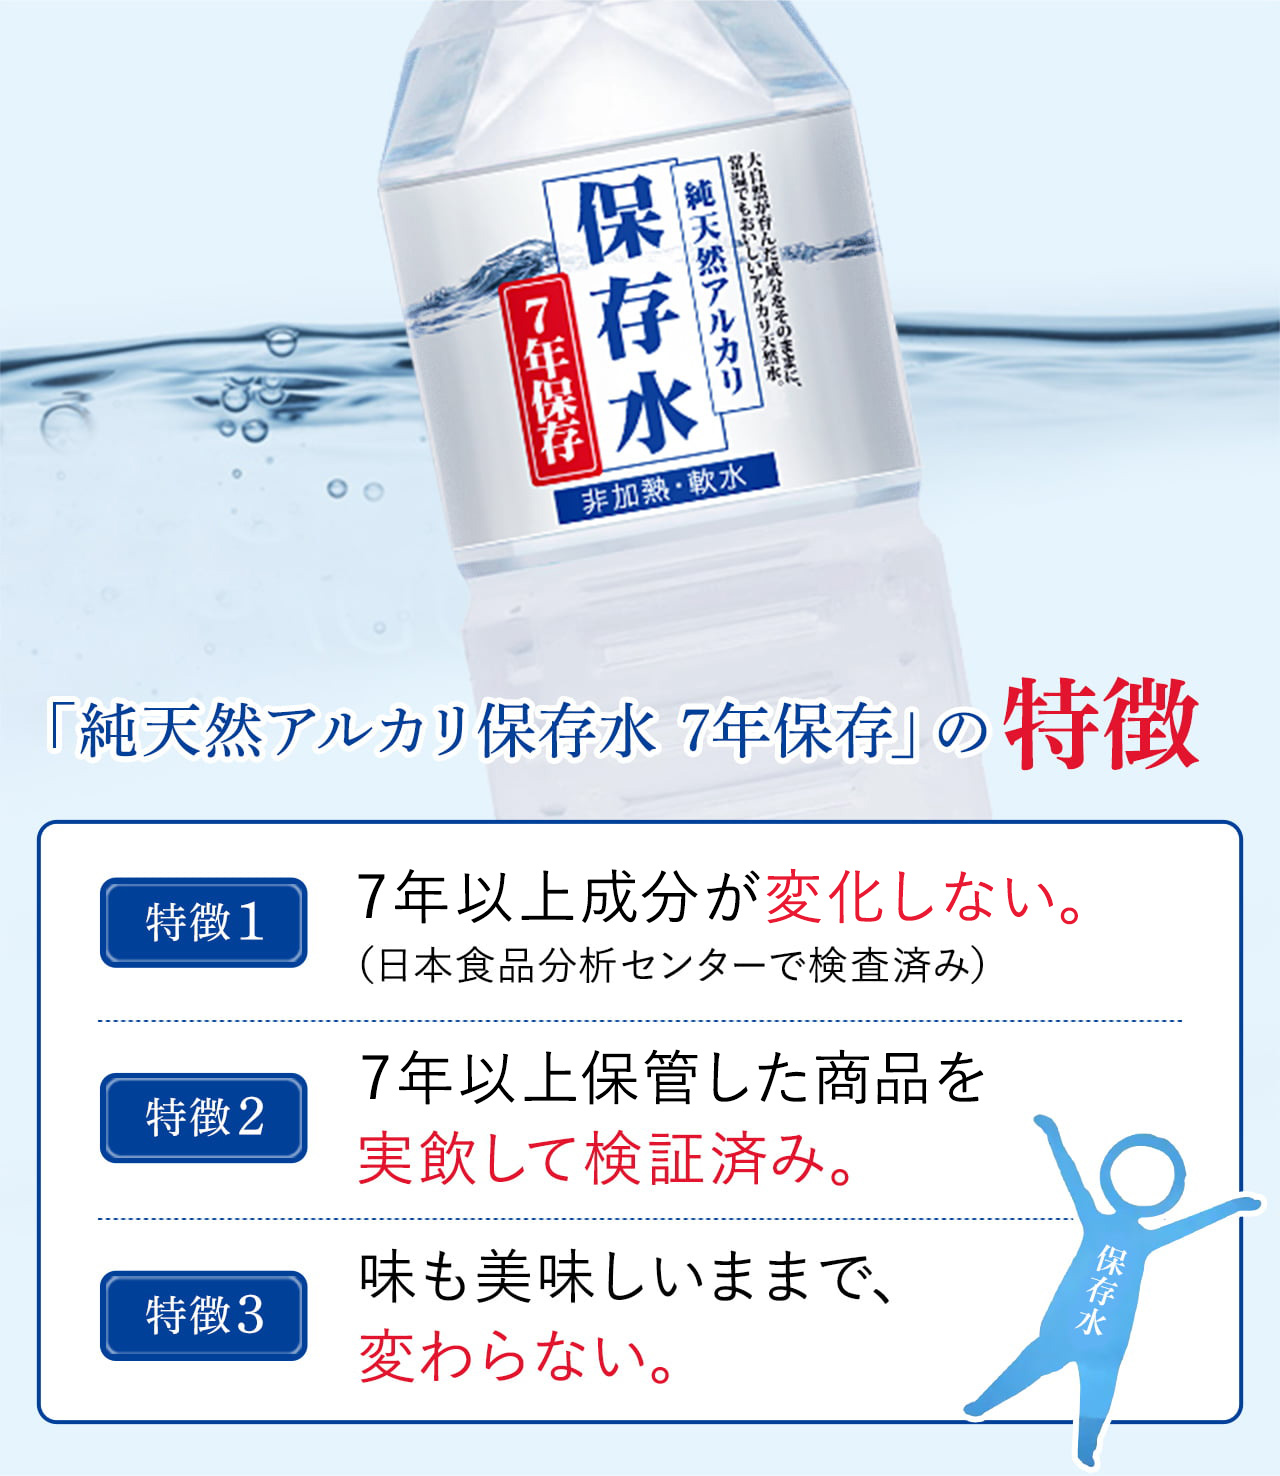 「純天然アルカリ保存水 7年保存」の特徴 特徴1 10年以上成分が変化しない(日本食品分析センターで実証済み) 特徴2 10年以上保管した商品を実飲して検証済み。特徴3 味も美味しいままで変わらない。